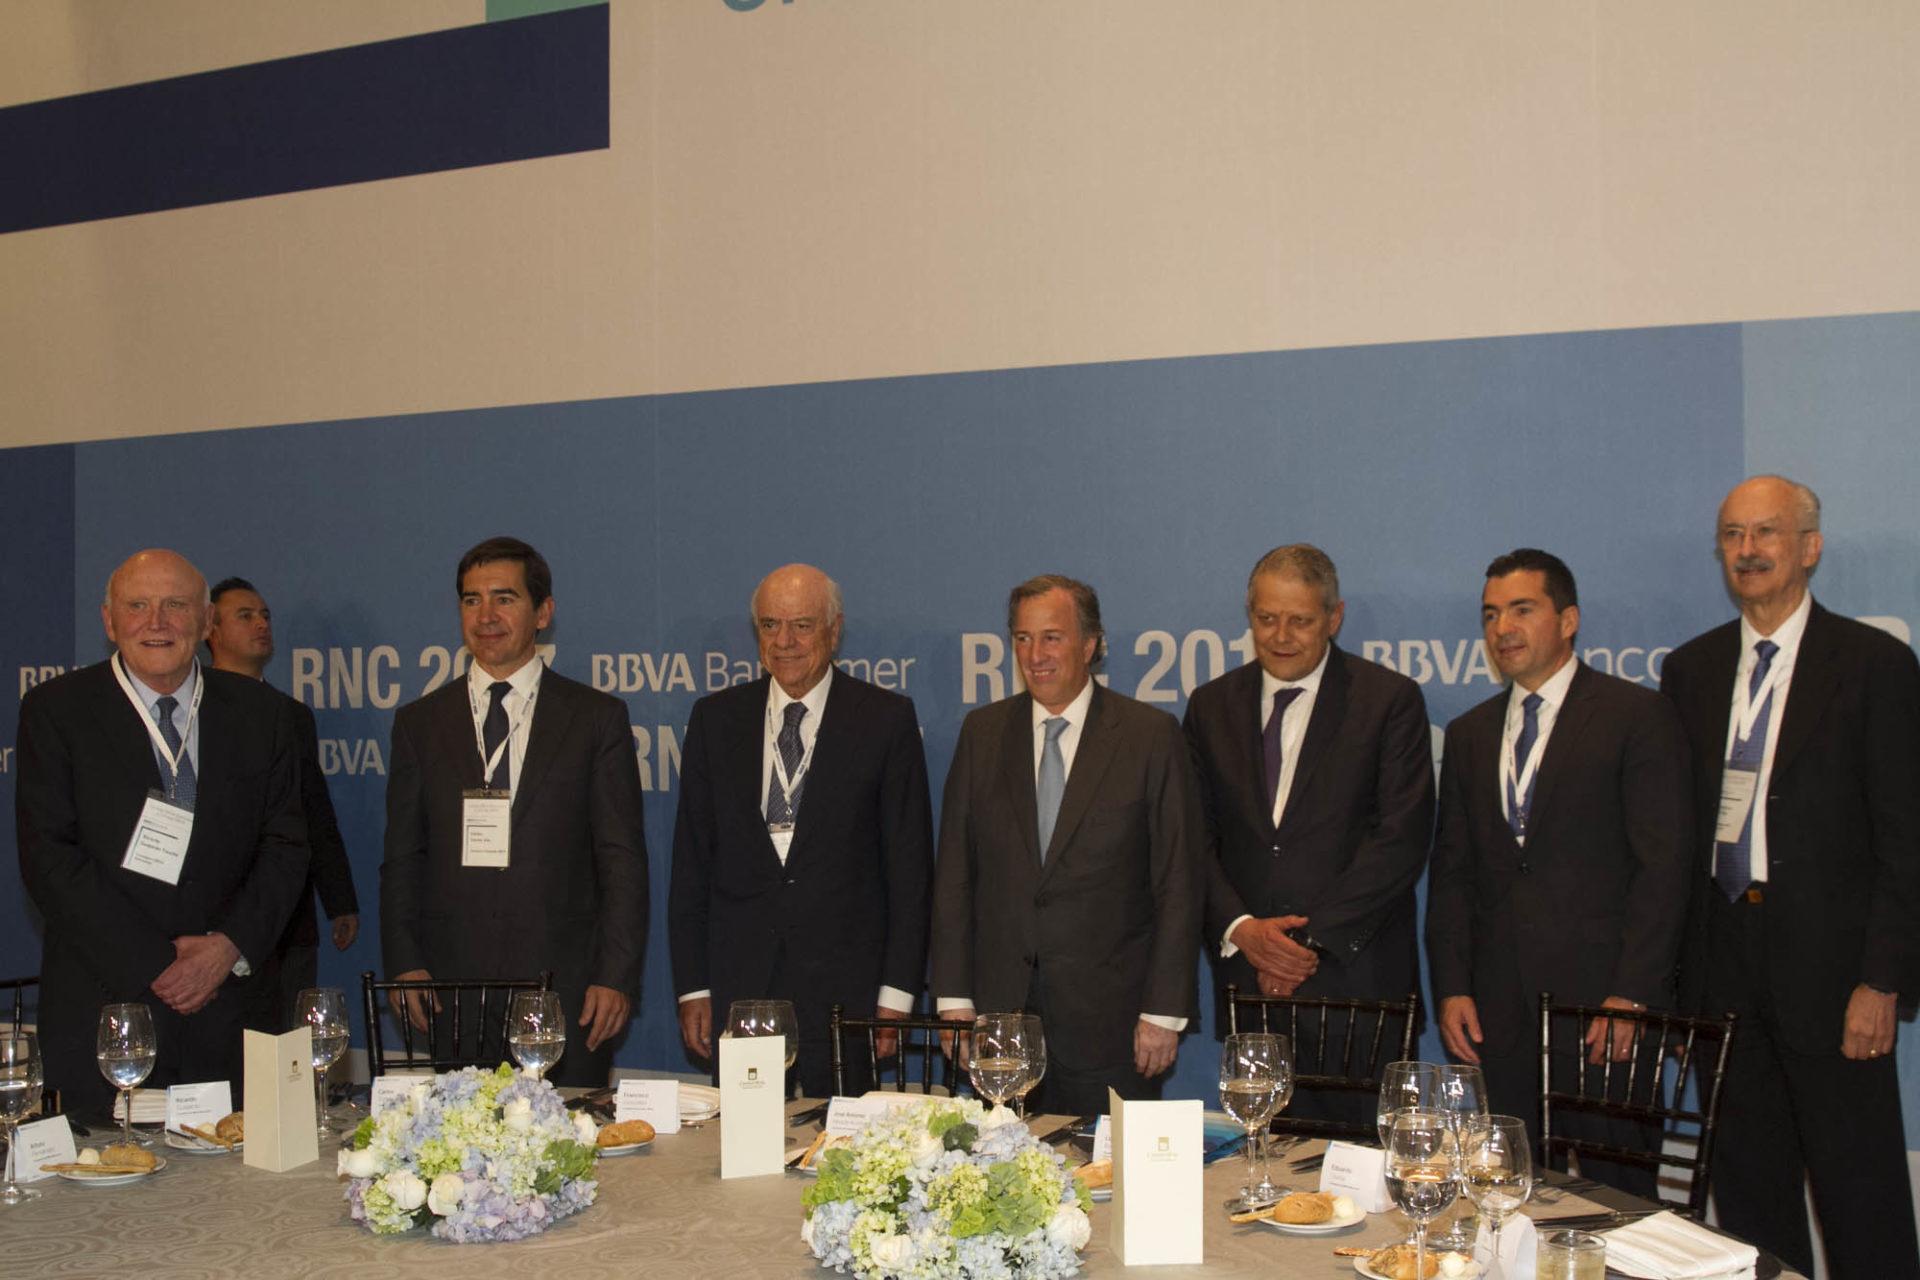 BBVA_Francisco González y Jose Antonio Meade con miembros del consejo regional de BBVA Bancomer